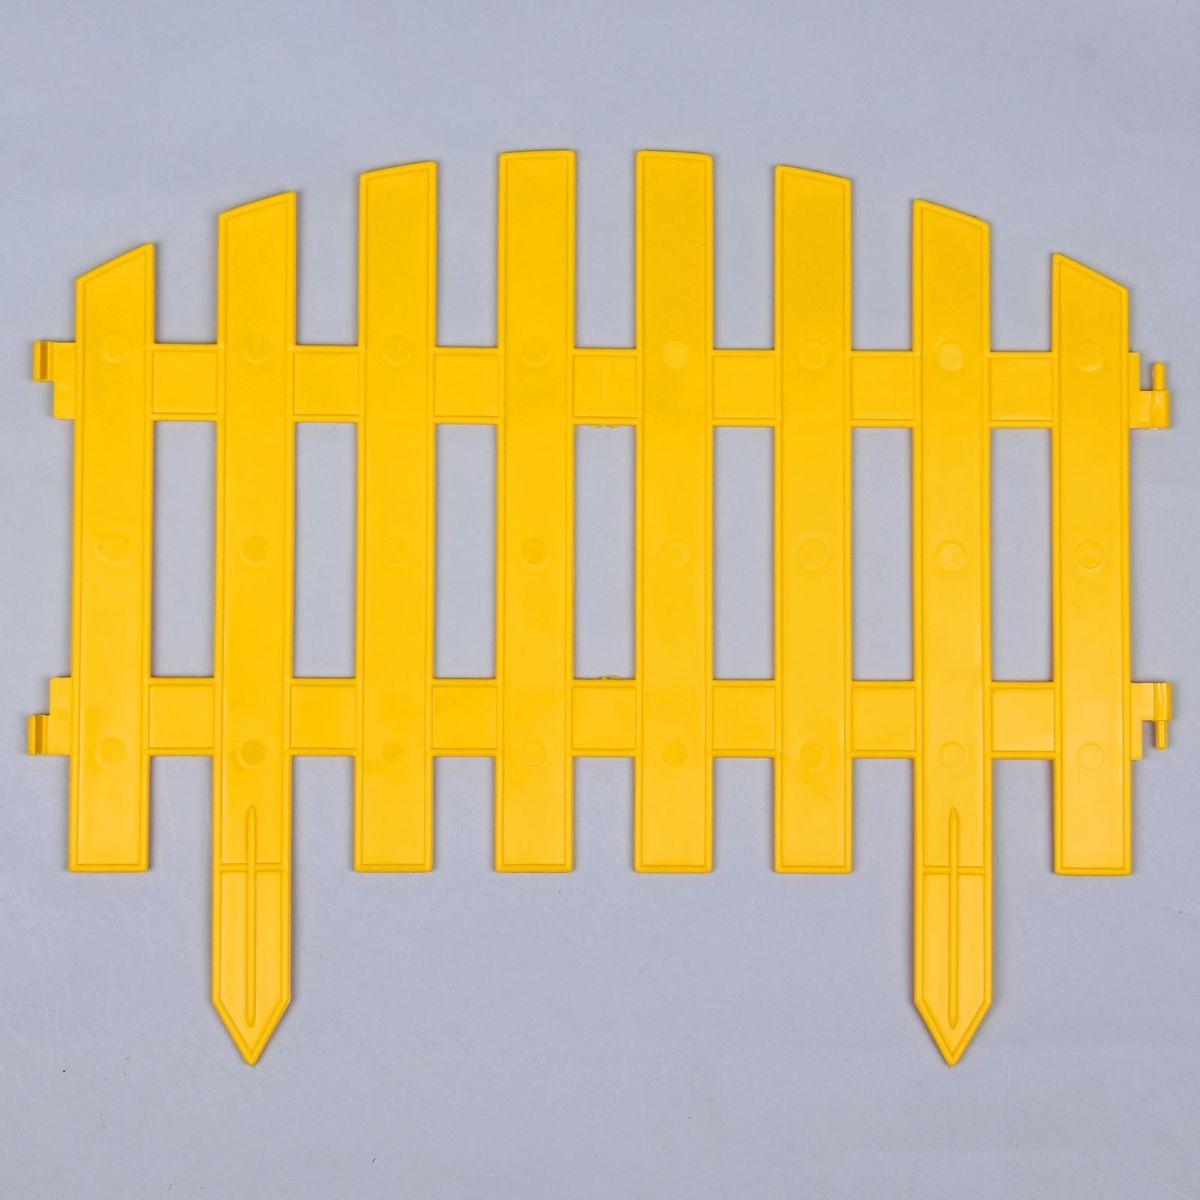 Ограждение садовое декоративное, 7 секций, цвет: желтый, 36 х 300 см738737Садовое ограждение — выбор тех, кто ценит красоту и комфорт. Выполненное из надёжного пластика, оно имеет ряд неоспоримых плюсов:Длительный срок службы. Подобный заборчик может служить до 5 лет без деформации и потери качества.Яркий, насыщенный цвет, который не потускнеет со временем и не выгорит на солнце.Приспособлению не страшна высокая влажность.Как установить?Выбираем место для ограждения (это может быть садовая дорожка, грядка или красивая клумба).Расчищаем место от травы и других растений.Берём одну ячейку и аккуратно втыкаем её ножками в землю на максимальную глубину.Вставляем вторую ячейку рядом с первой и соединяем их при помощи специальных креплений, не прикладывая физическую силу.Повторяем пункт 4 до тех пор, пока не установим все ячейки.Как ухаживать?Садовое ограждение не нуждается в специальном уходе, но важно помнить следующие моменты:не подвергайте детали механическому воздействию: не сгибайте их, не давите в процессе монтажане подвергайте заборчик резким перепадам температурна зимнее время рекомендуется убирать его с участкаесли изделие запылилось, можете сполоснуть его водой из шланга без демонтажа.Пусть ваш садовый участок радует вас красотой и обильным урожаем! Большой ассортимент цветов и форм позволяет подобрать ограждение для любых нужд.